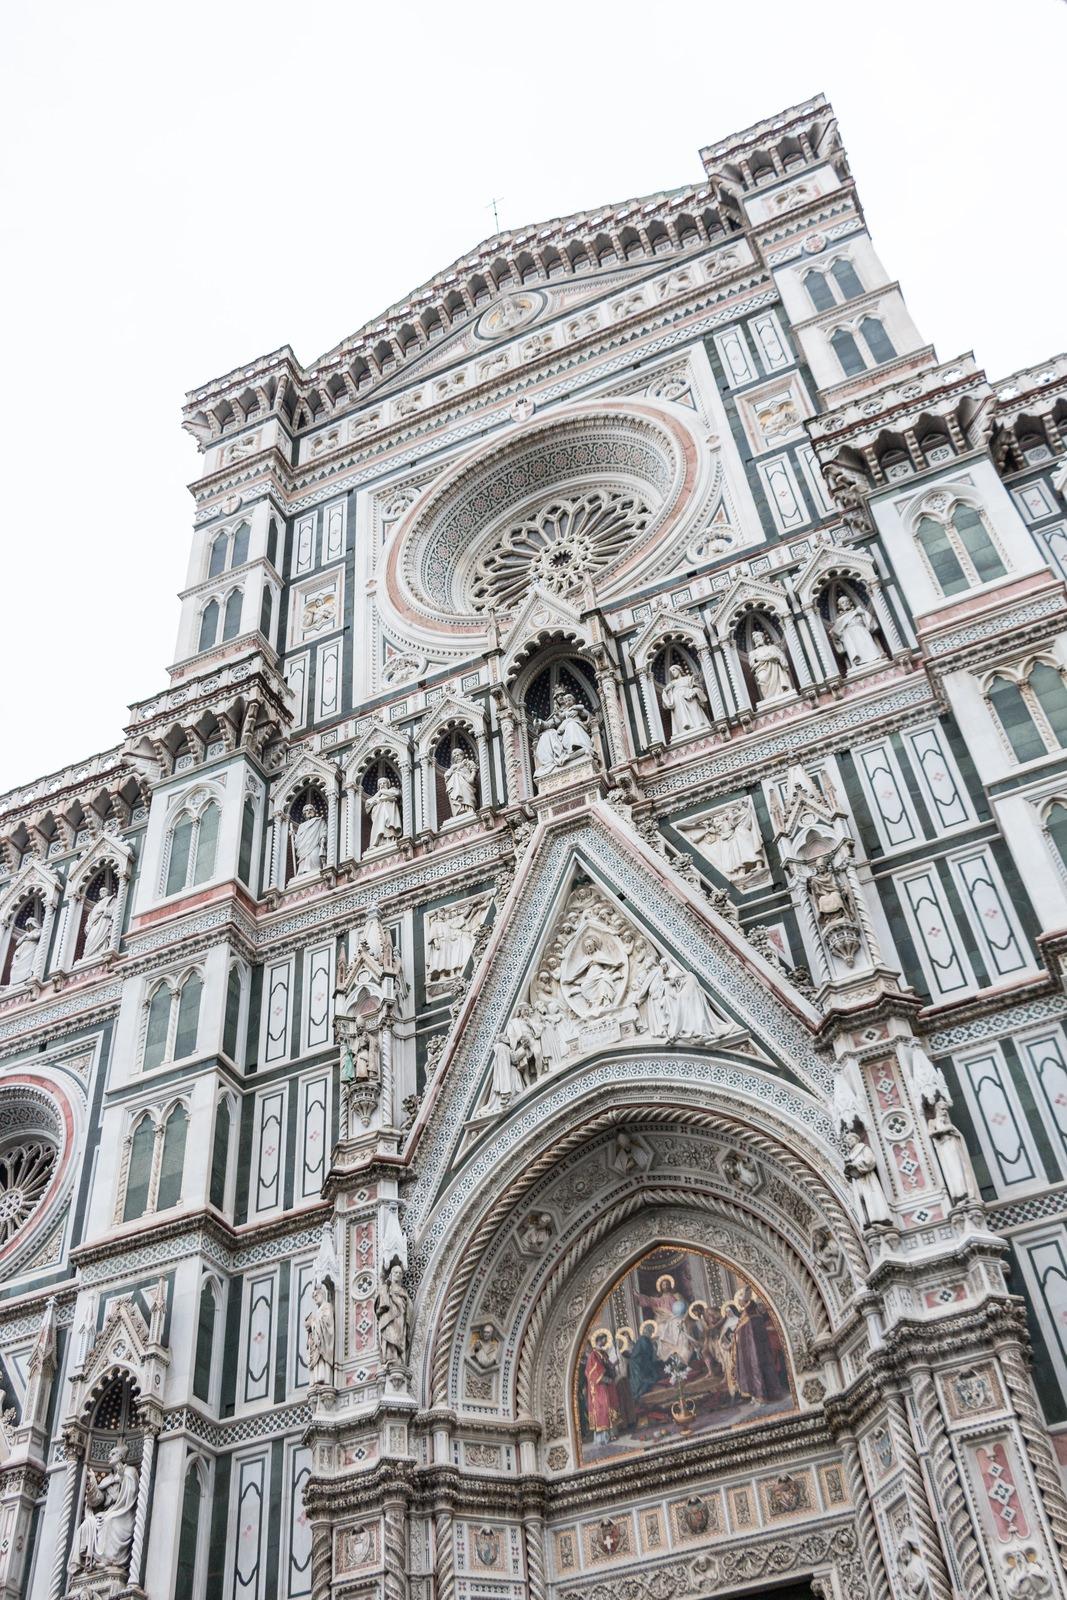 サンタ・マリア・デル・フィオーレ大聖堂の画像 p1_11